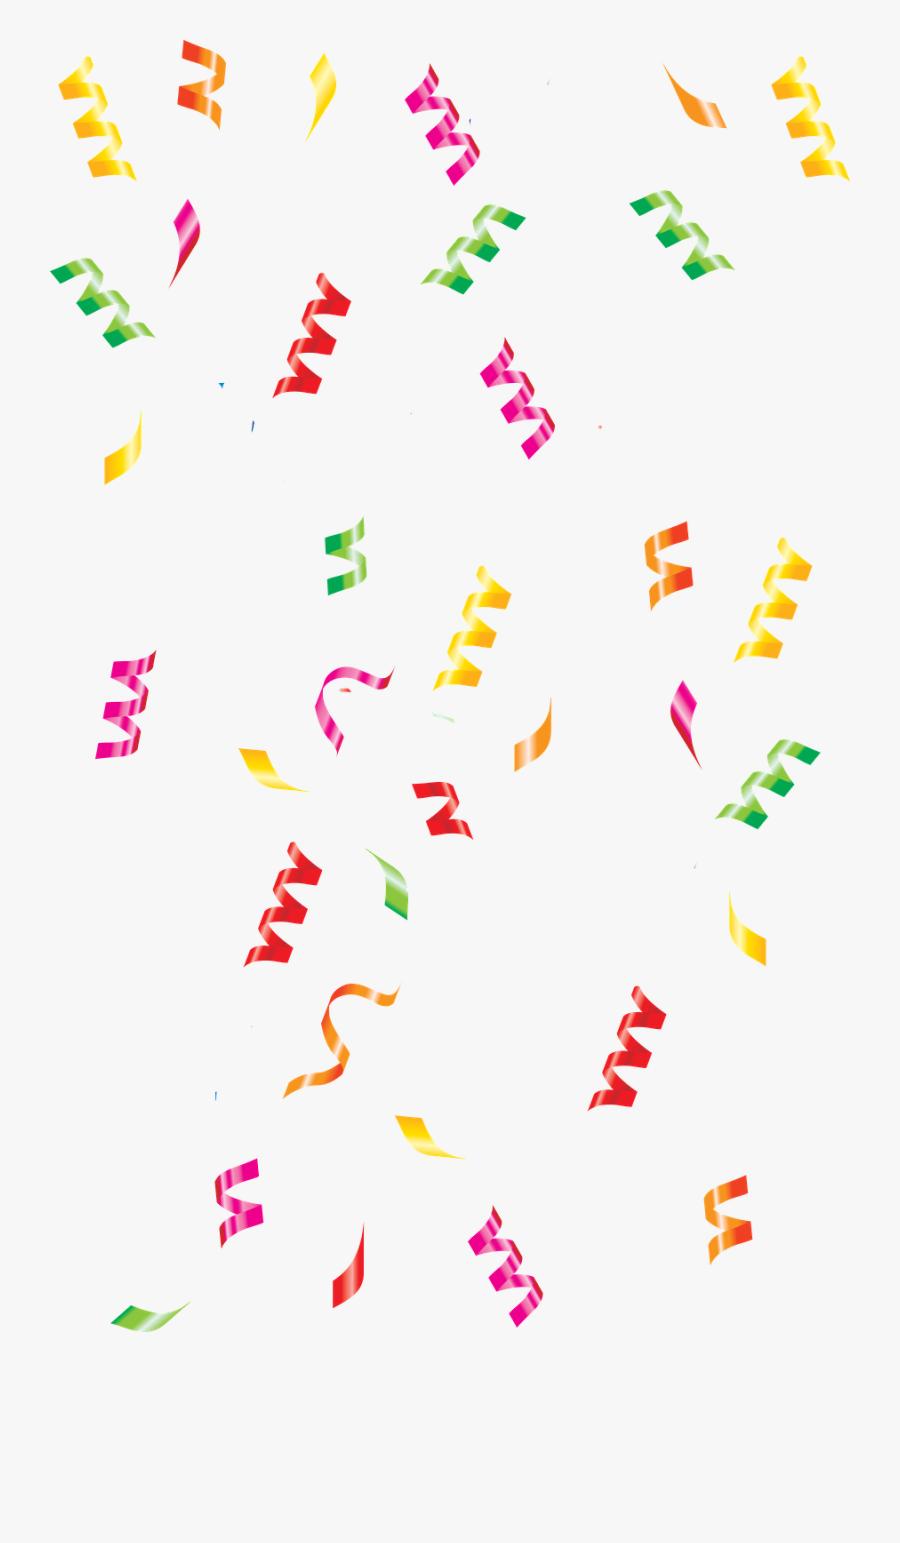 Transparent Celebration Clipart - Confetti Clipart, Transparent Clipart